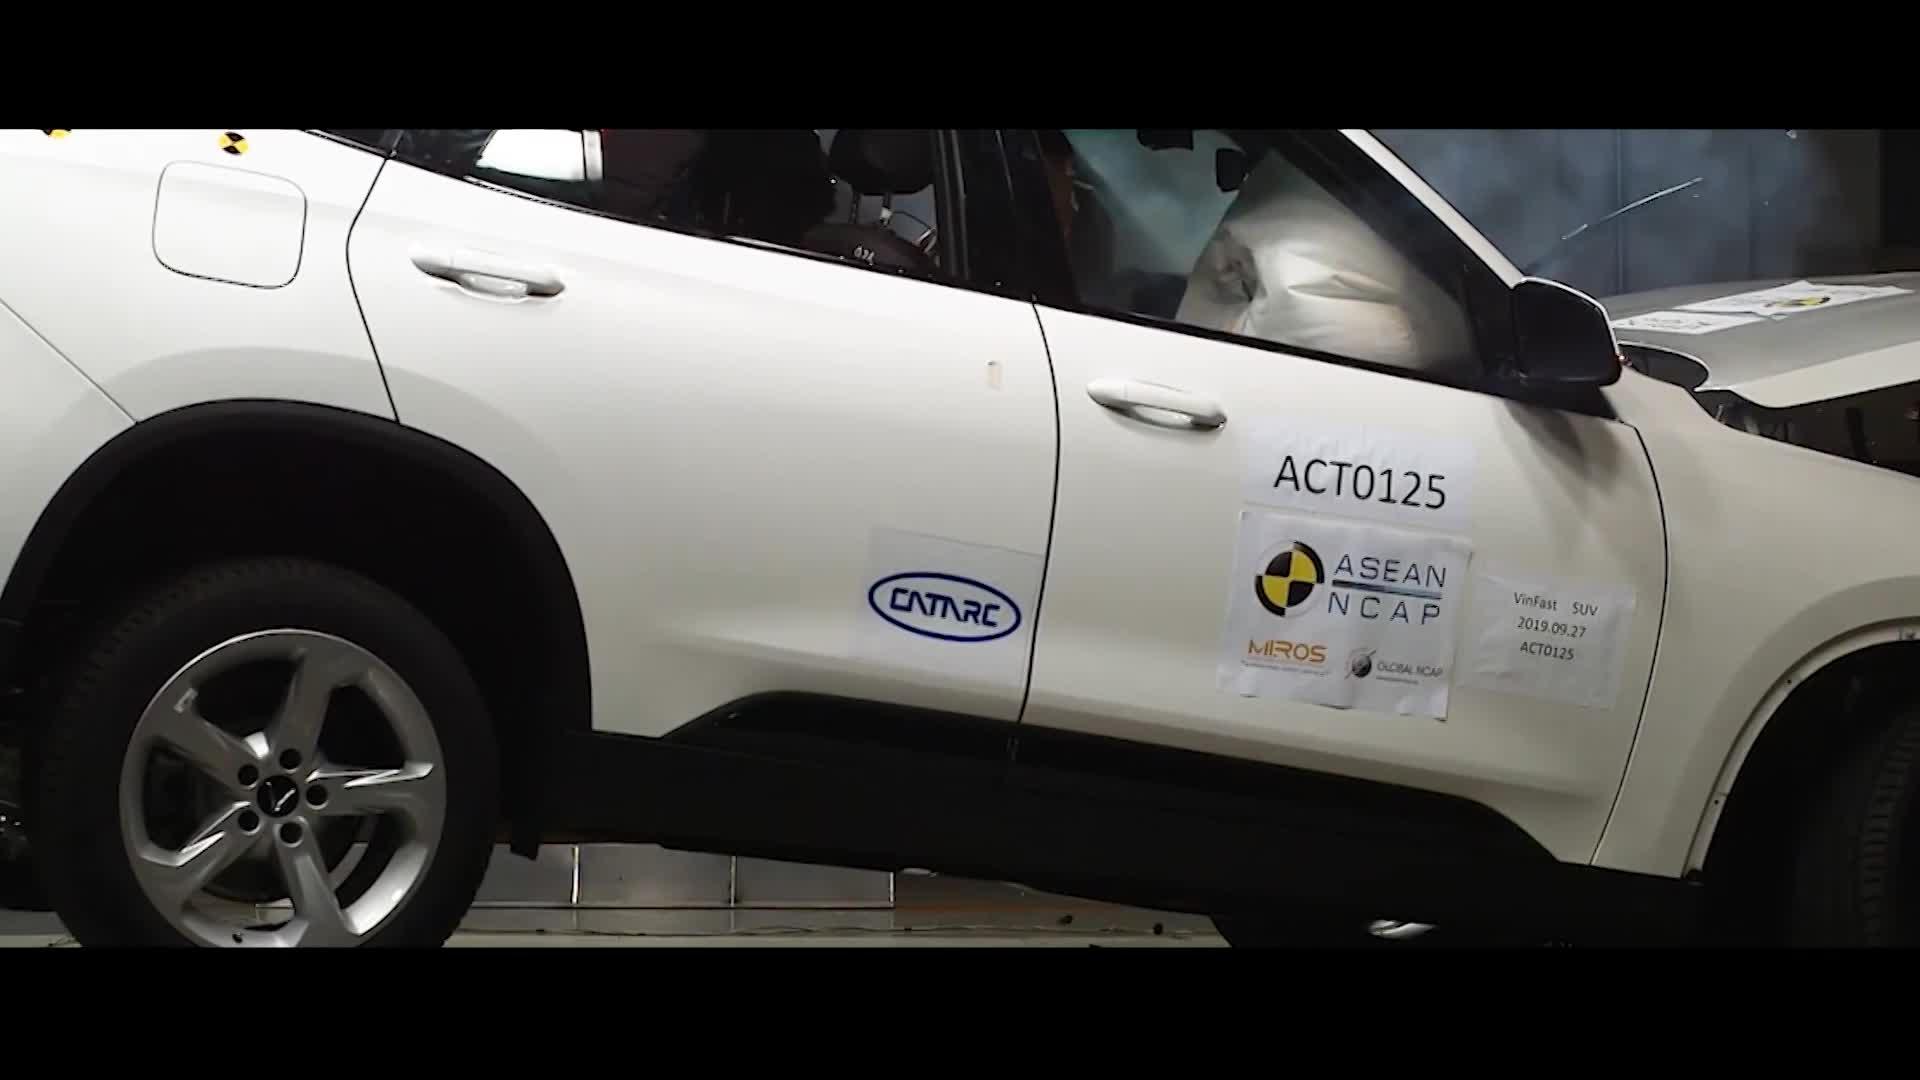 Hé lộ video xe Vinfast được kiểm định bởi Asean Ncap